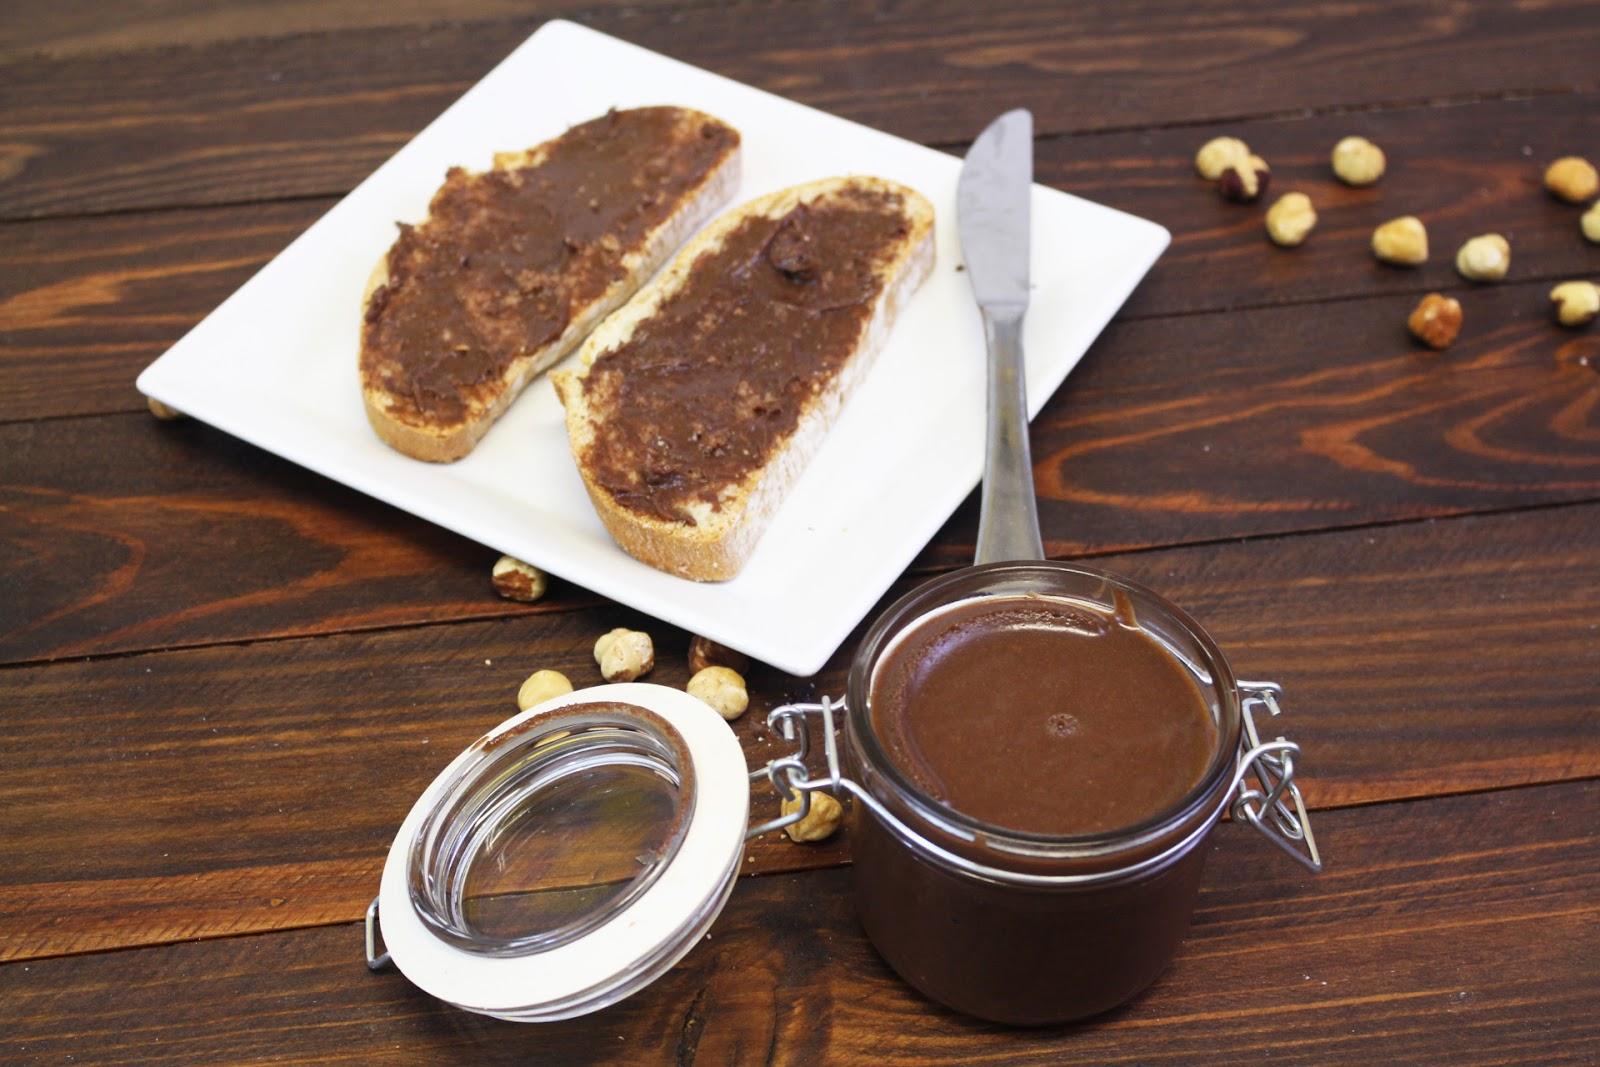 Receta de crema de cacao y avellanas casera con Thermomix